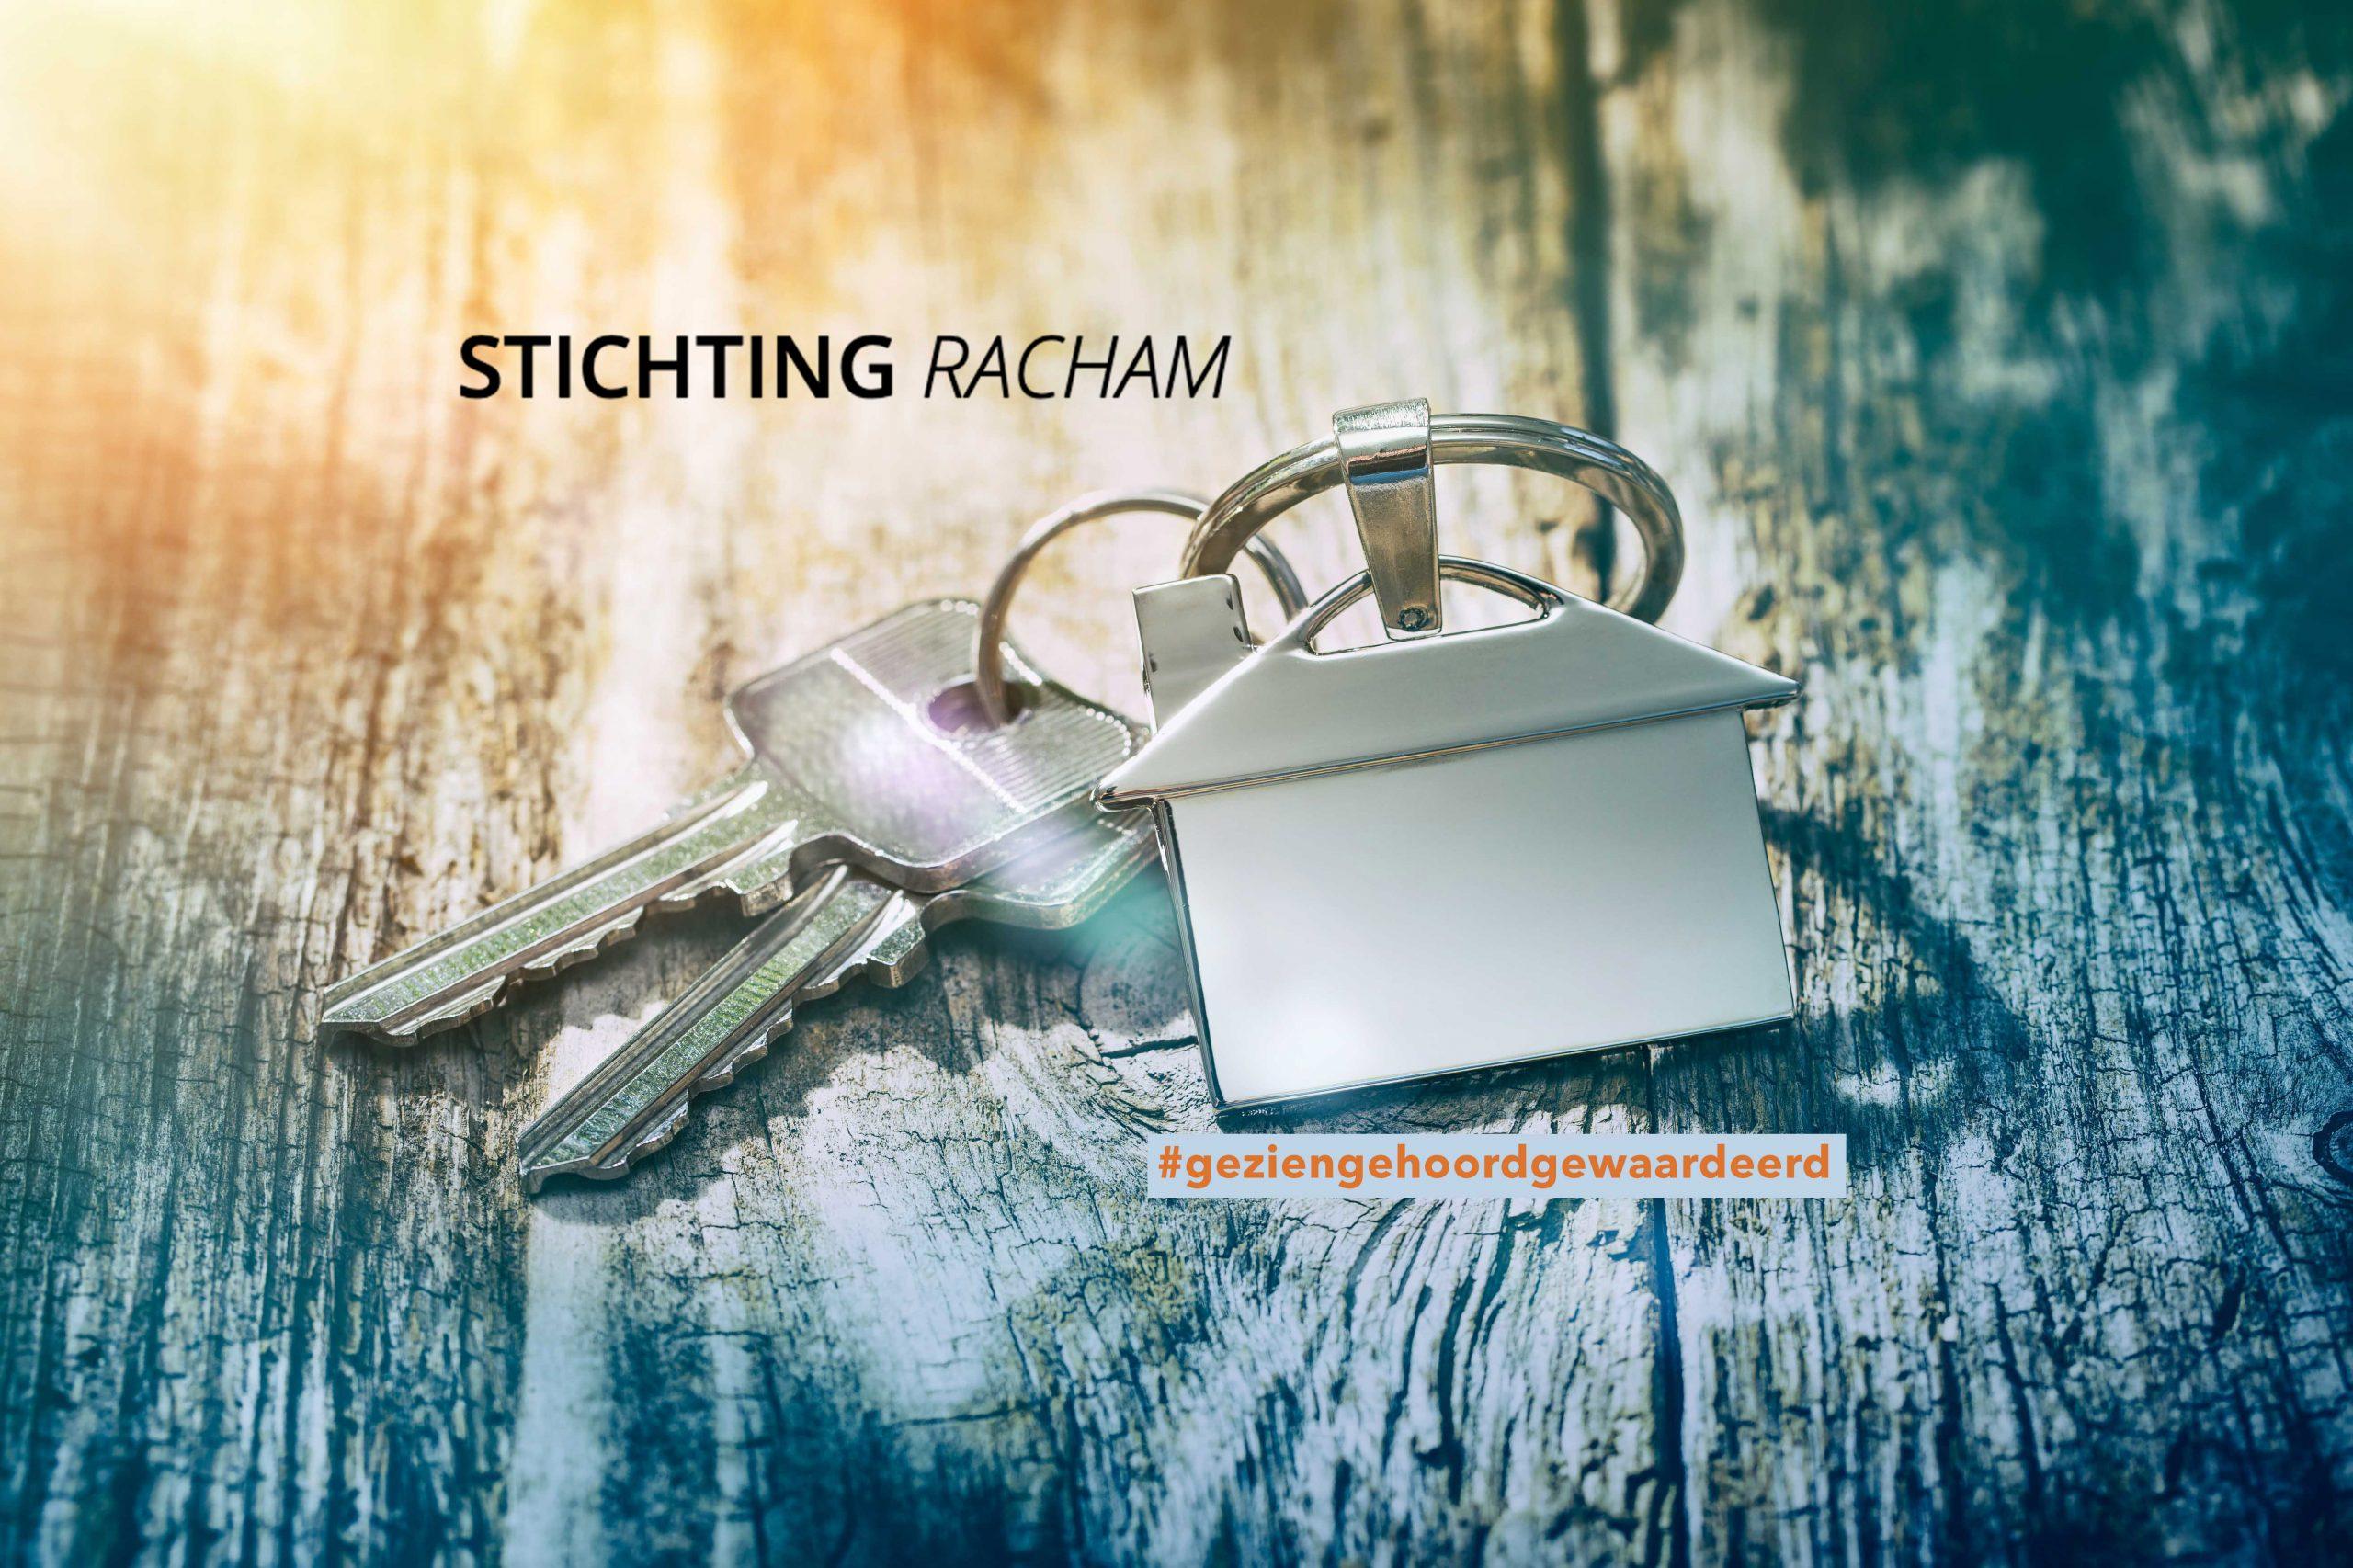 Stichting Racham